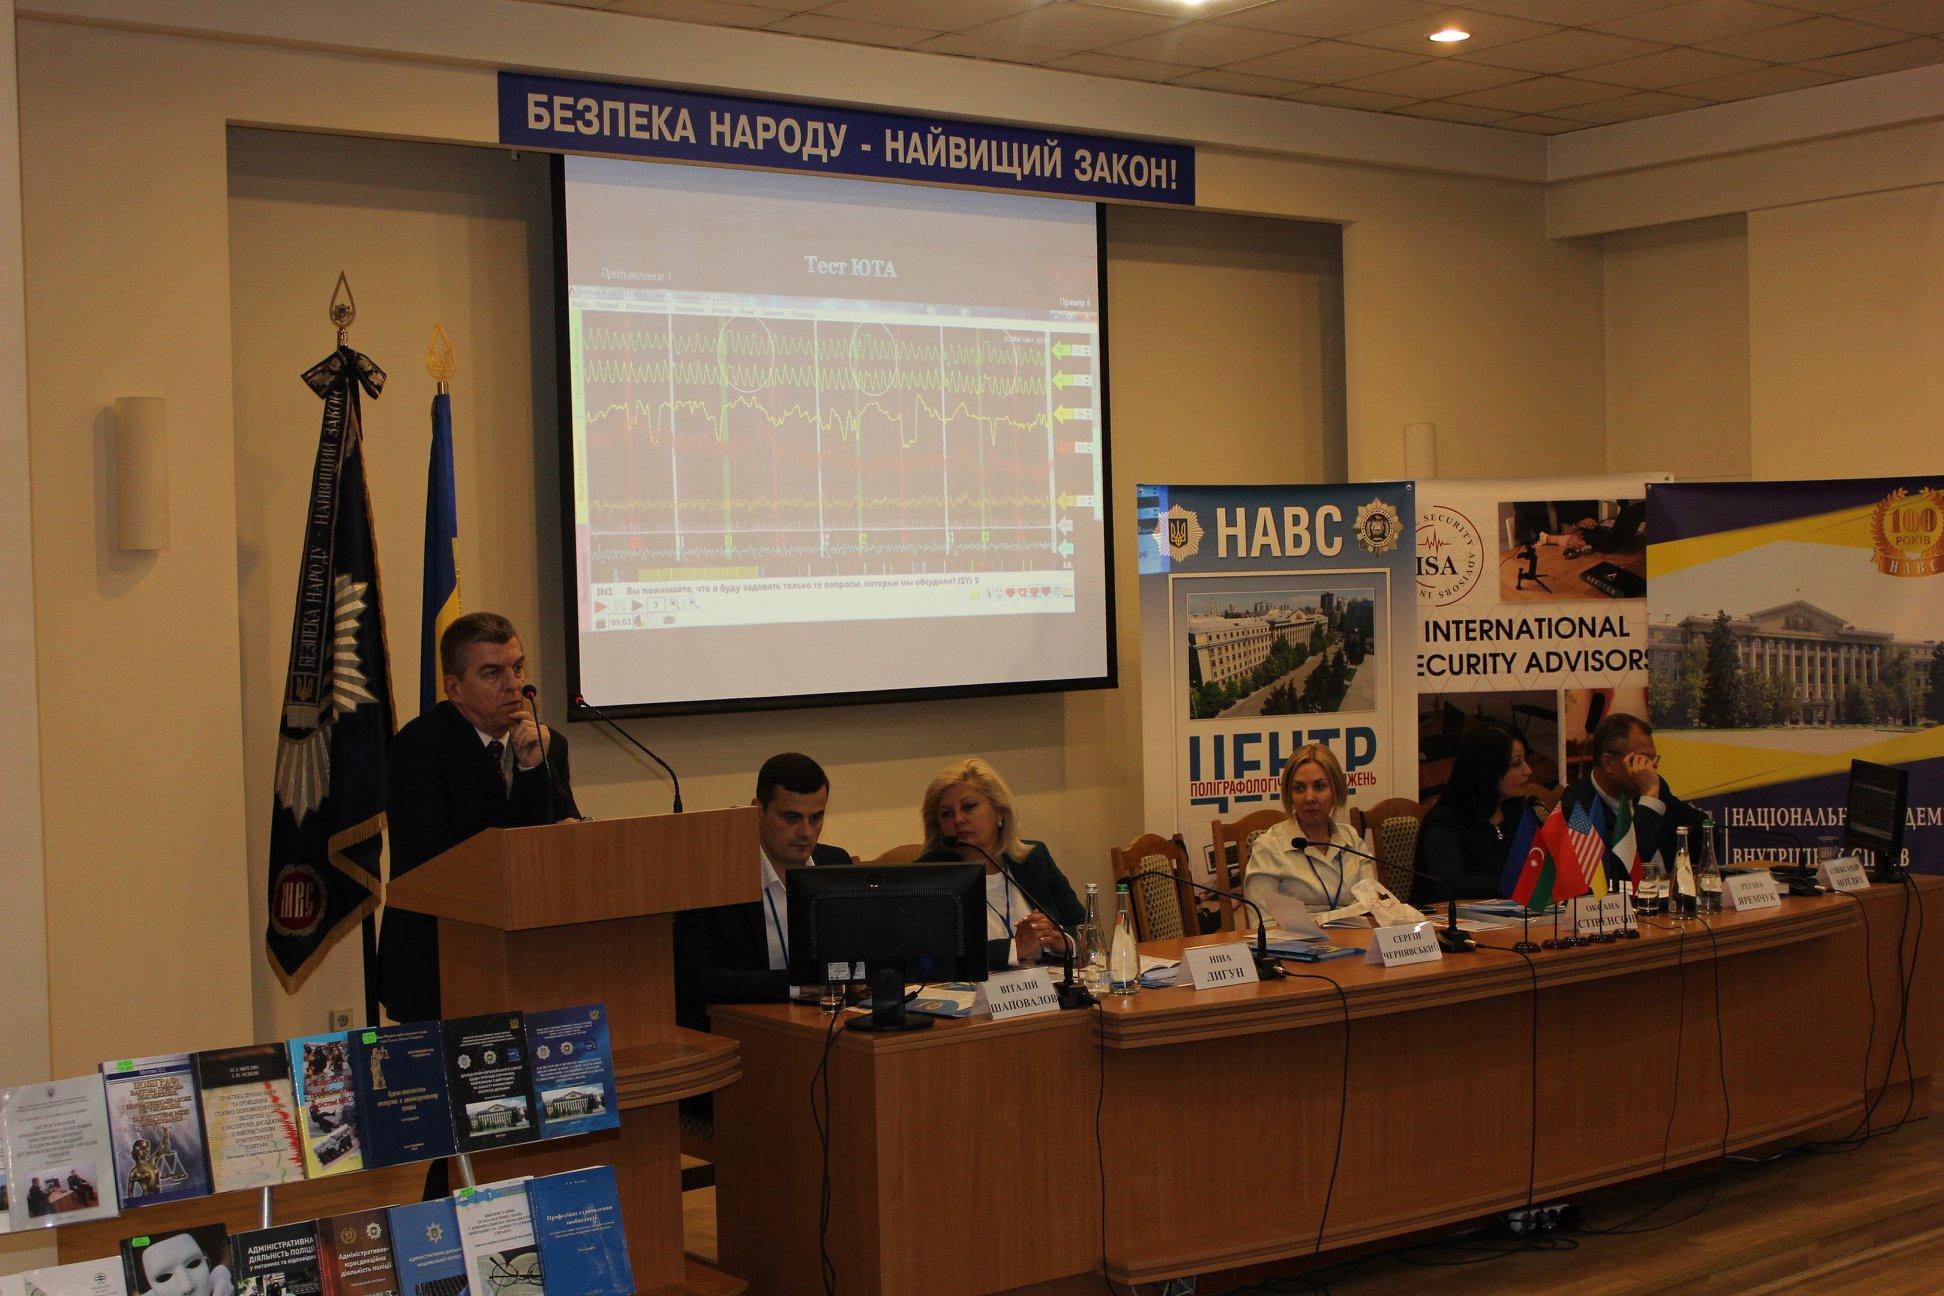 poligrafo macchina della verità bielorussia riconoscere la menzogna comunicazione non verbale